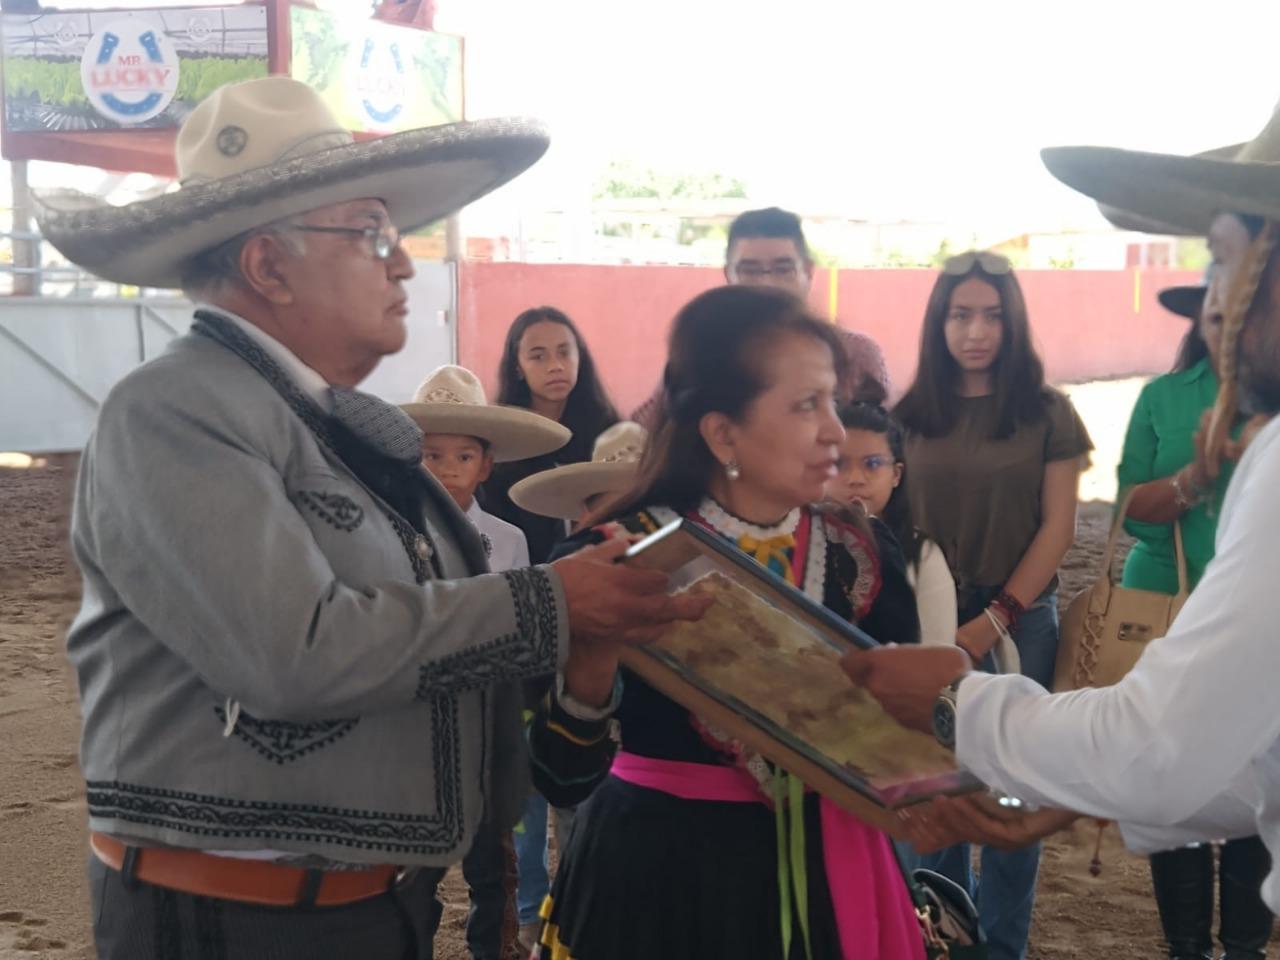 La Asociación de Charros de Matehuala le hizo un merecido homenaje post-mortem al Lic. Eduardo Carrera Guillen, entregando un Reconocimiento al C.P. Juan Fidel Carrera Guillen